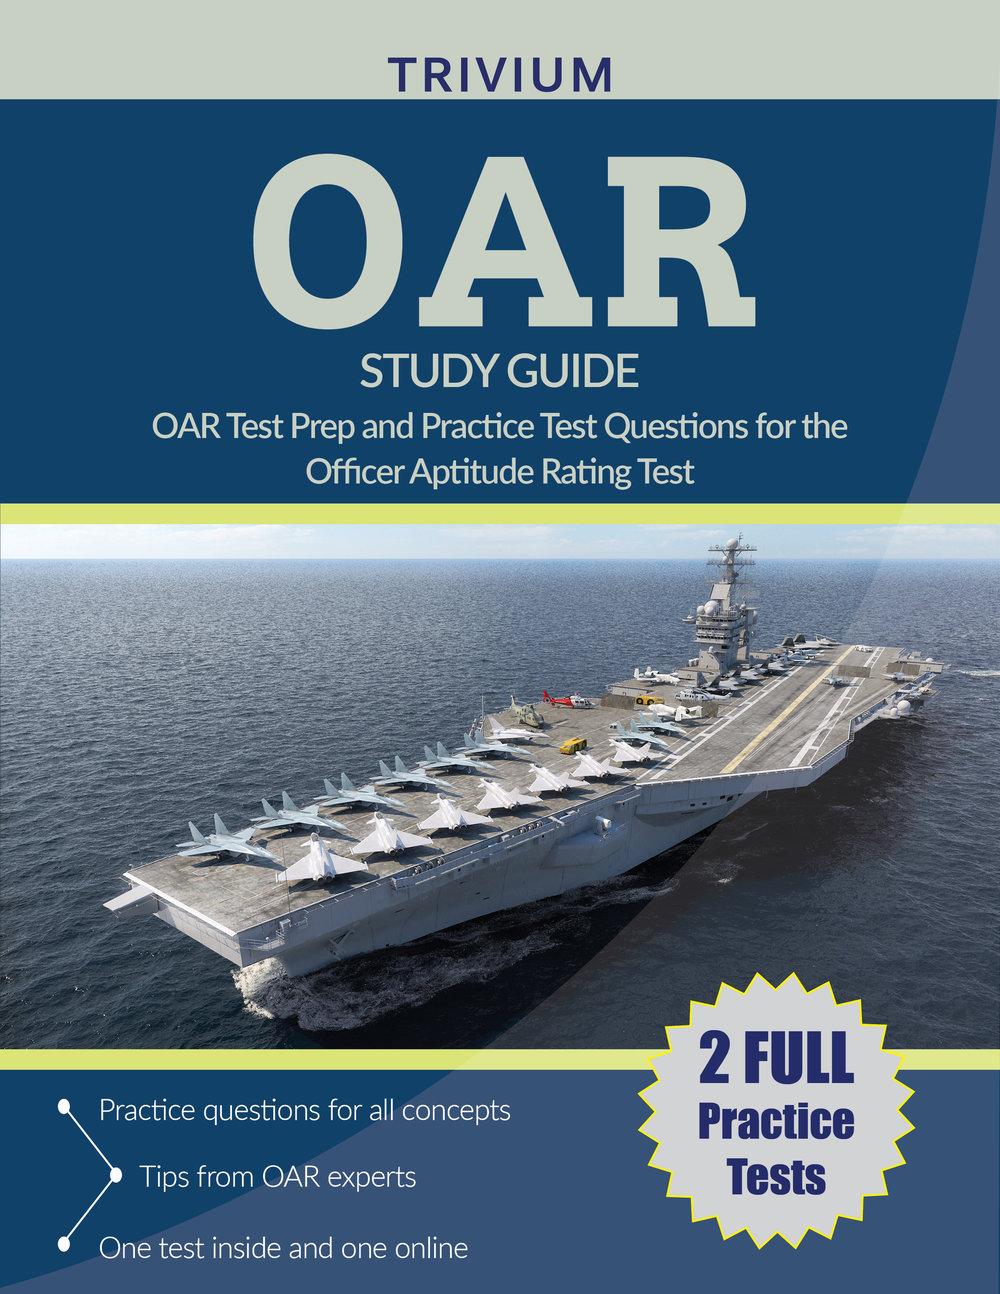 OAR_cover_website.jpg